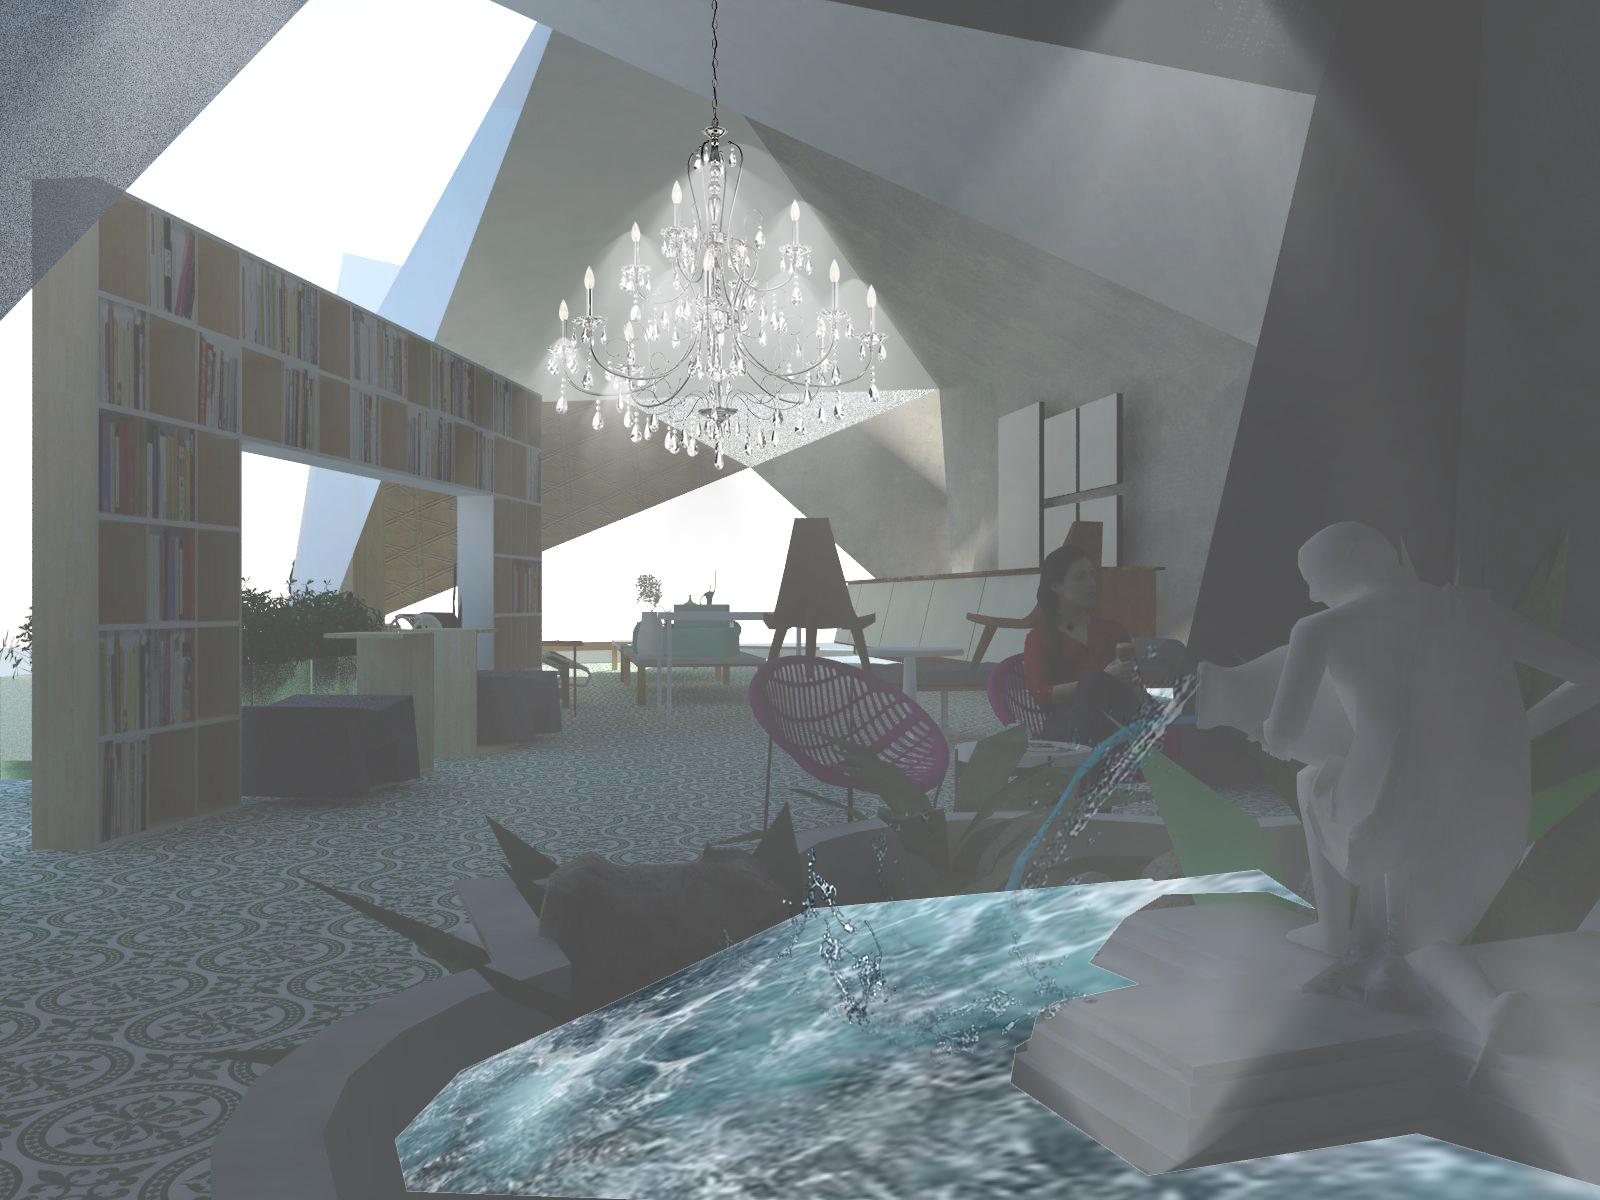 esoteric-store-6 - Studio Civitare